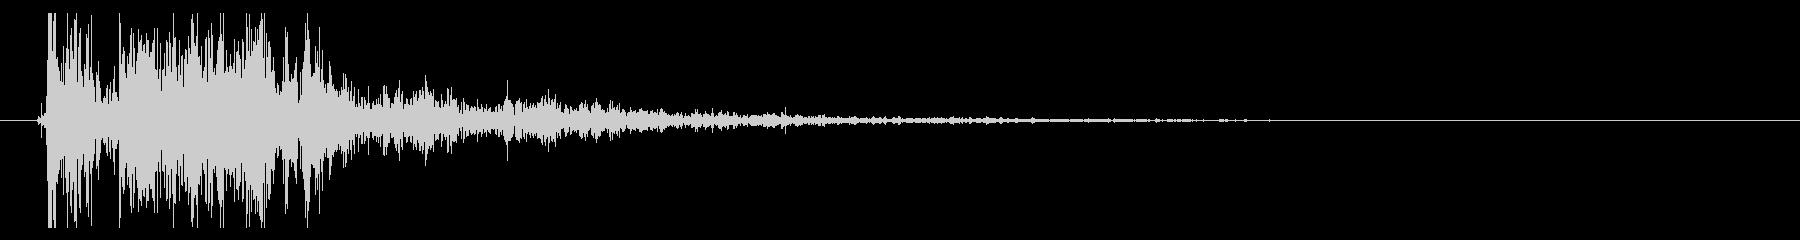 爆弾 フラグメンテーションクローズ02の未再生の波形